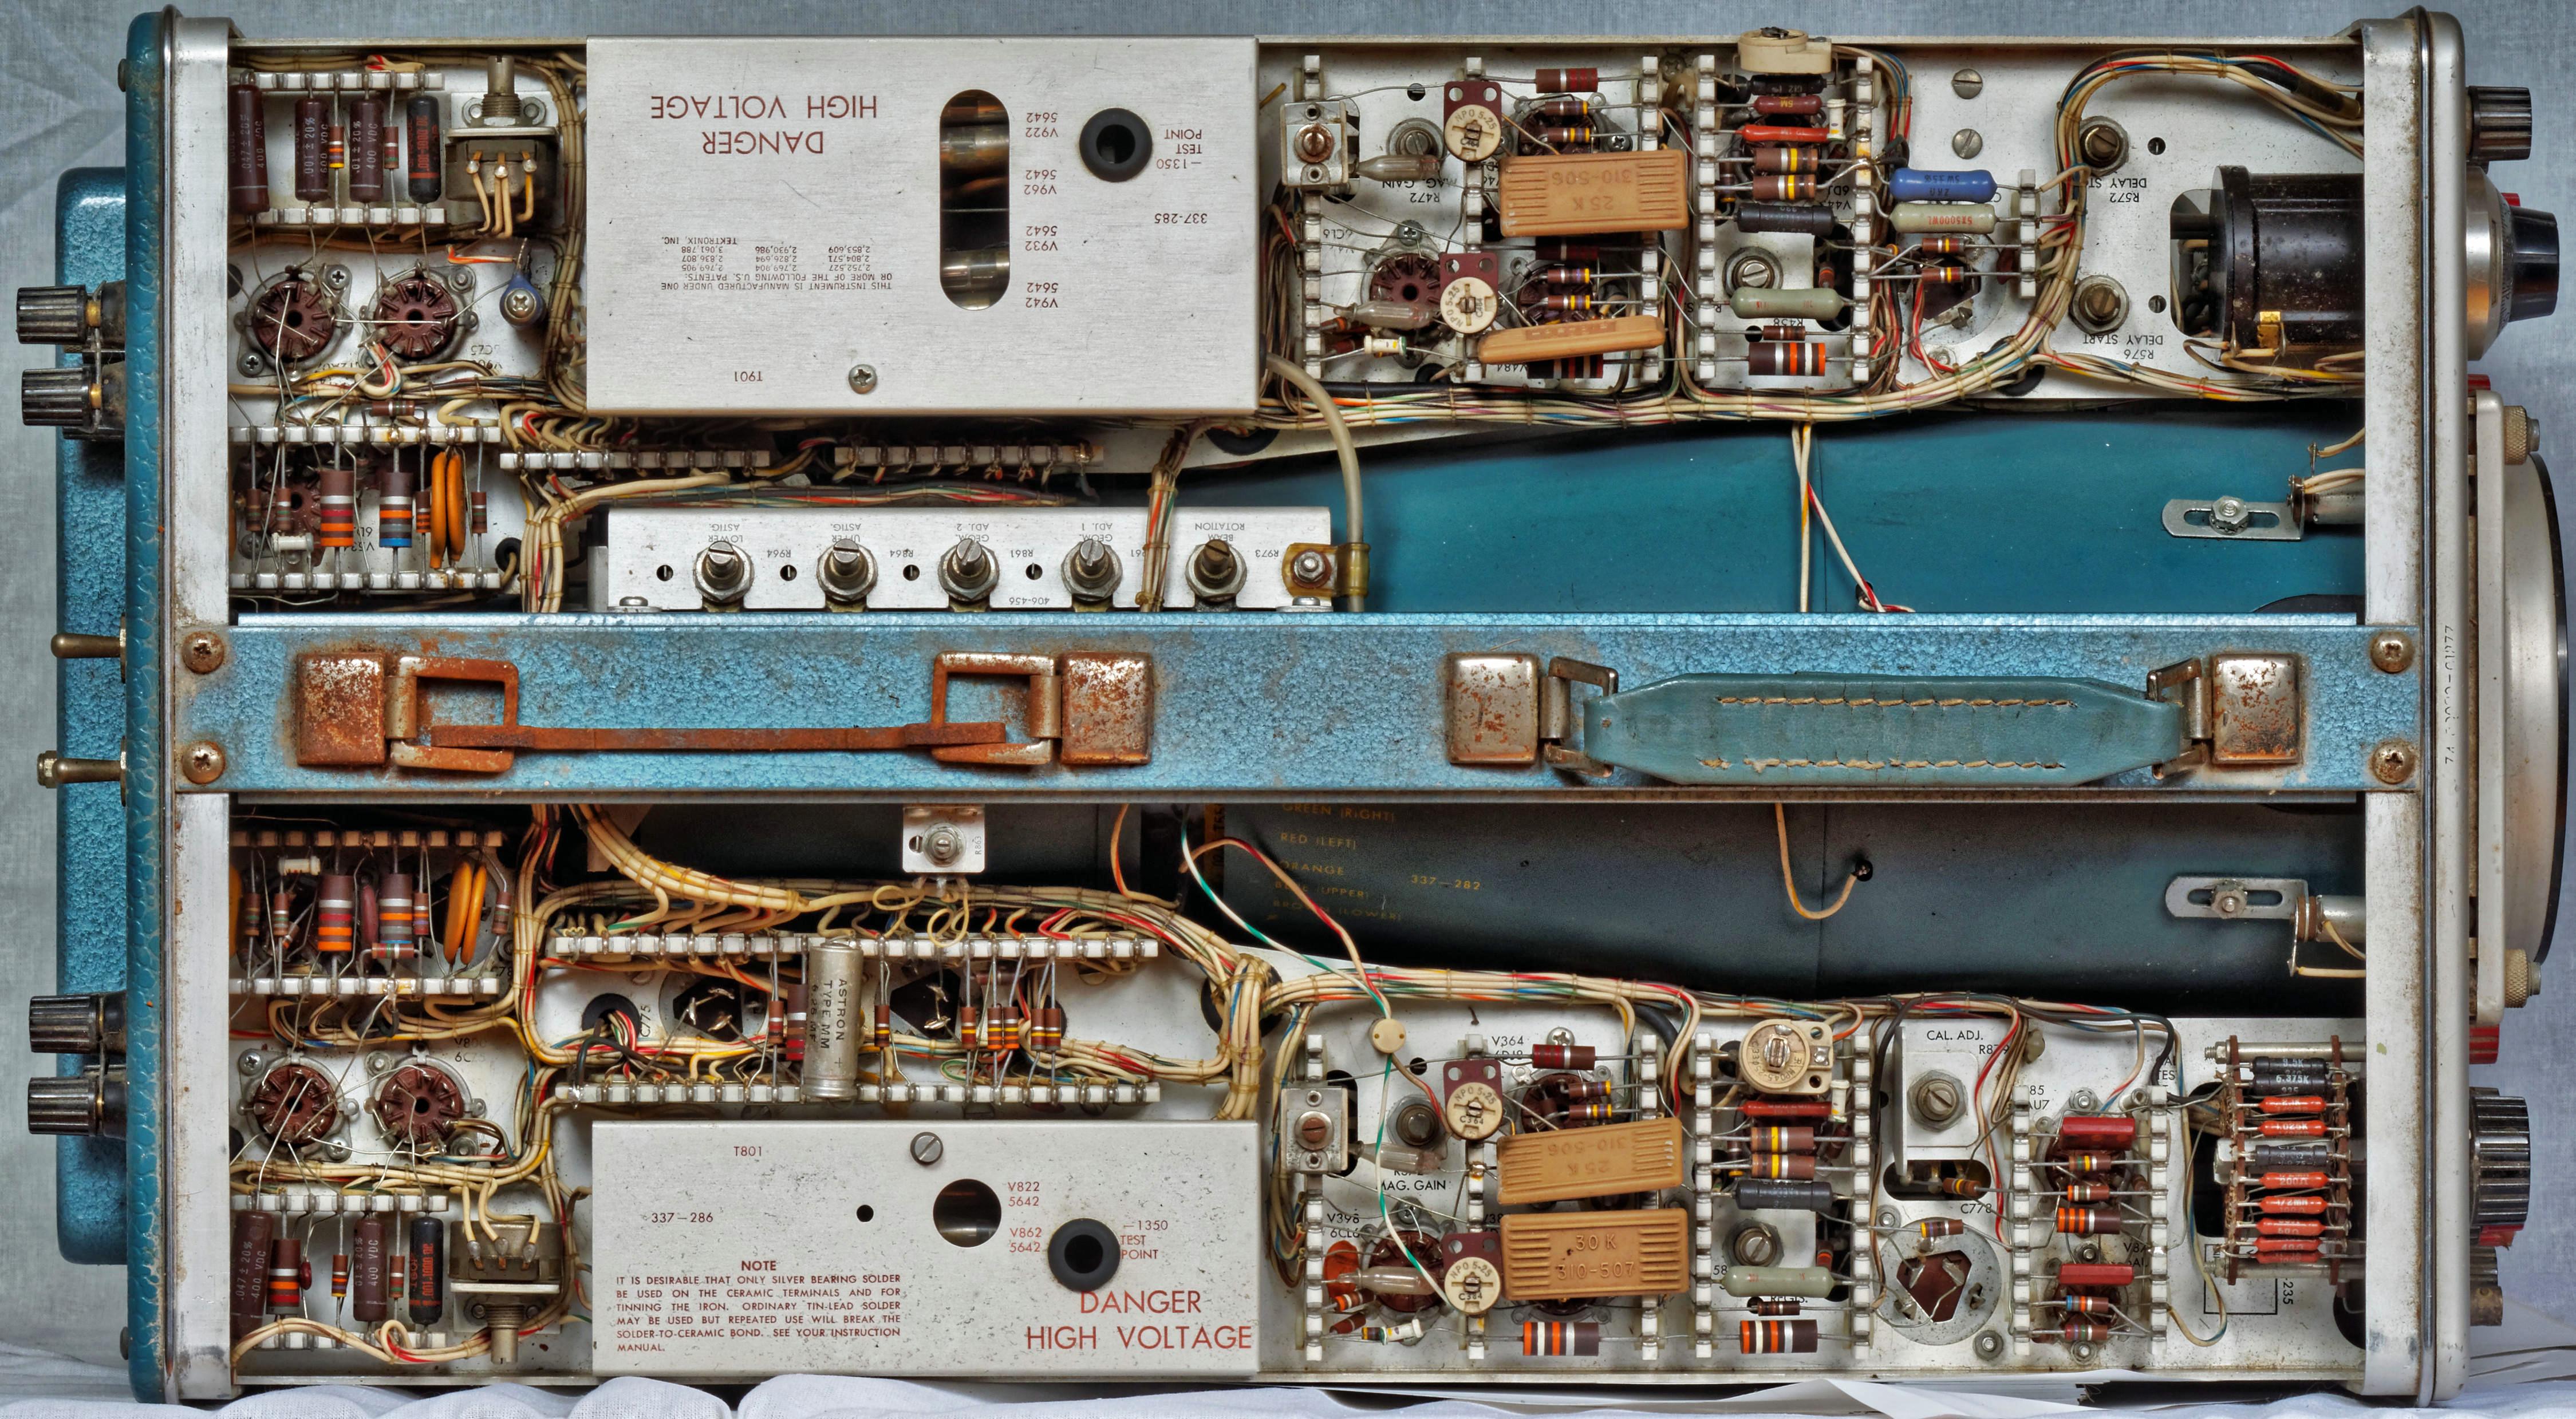 555-mainframe-5.jpeg